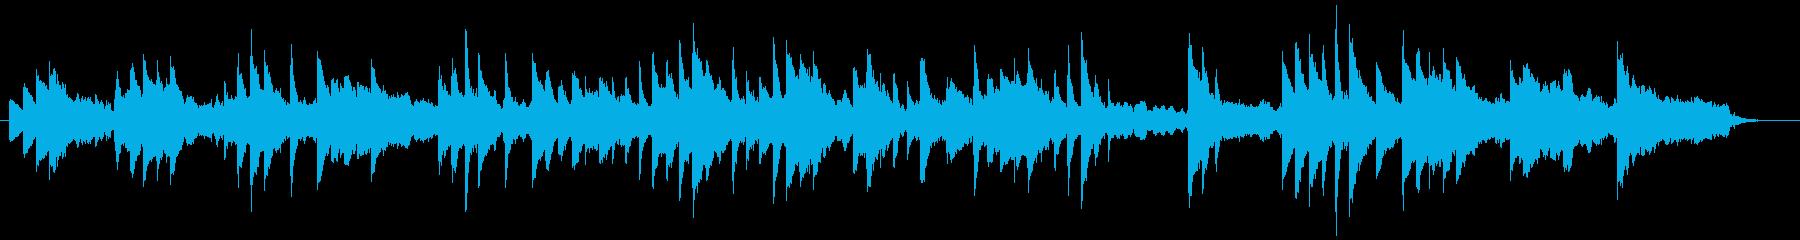 ヒーリング、リラクゼーションなピアノ曲の再生済みの波形